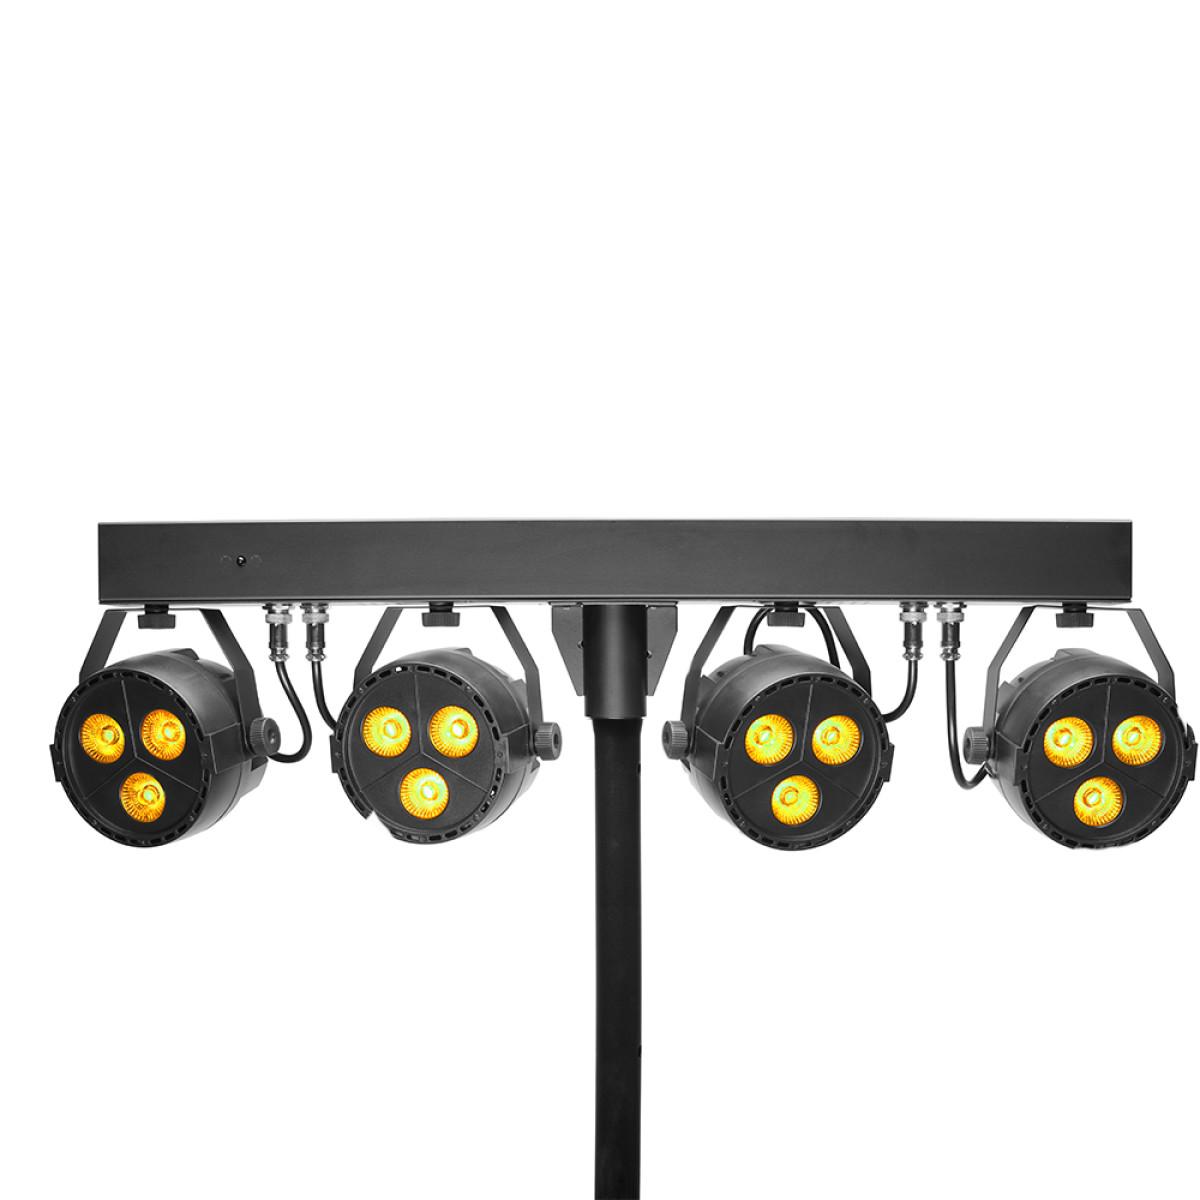 Stagg SLB 4P34-41-2 LED FLATPAR SET